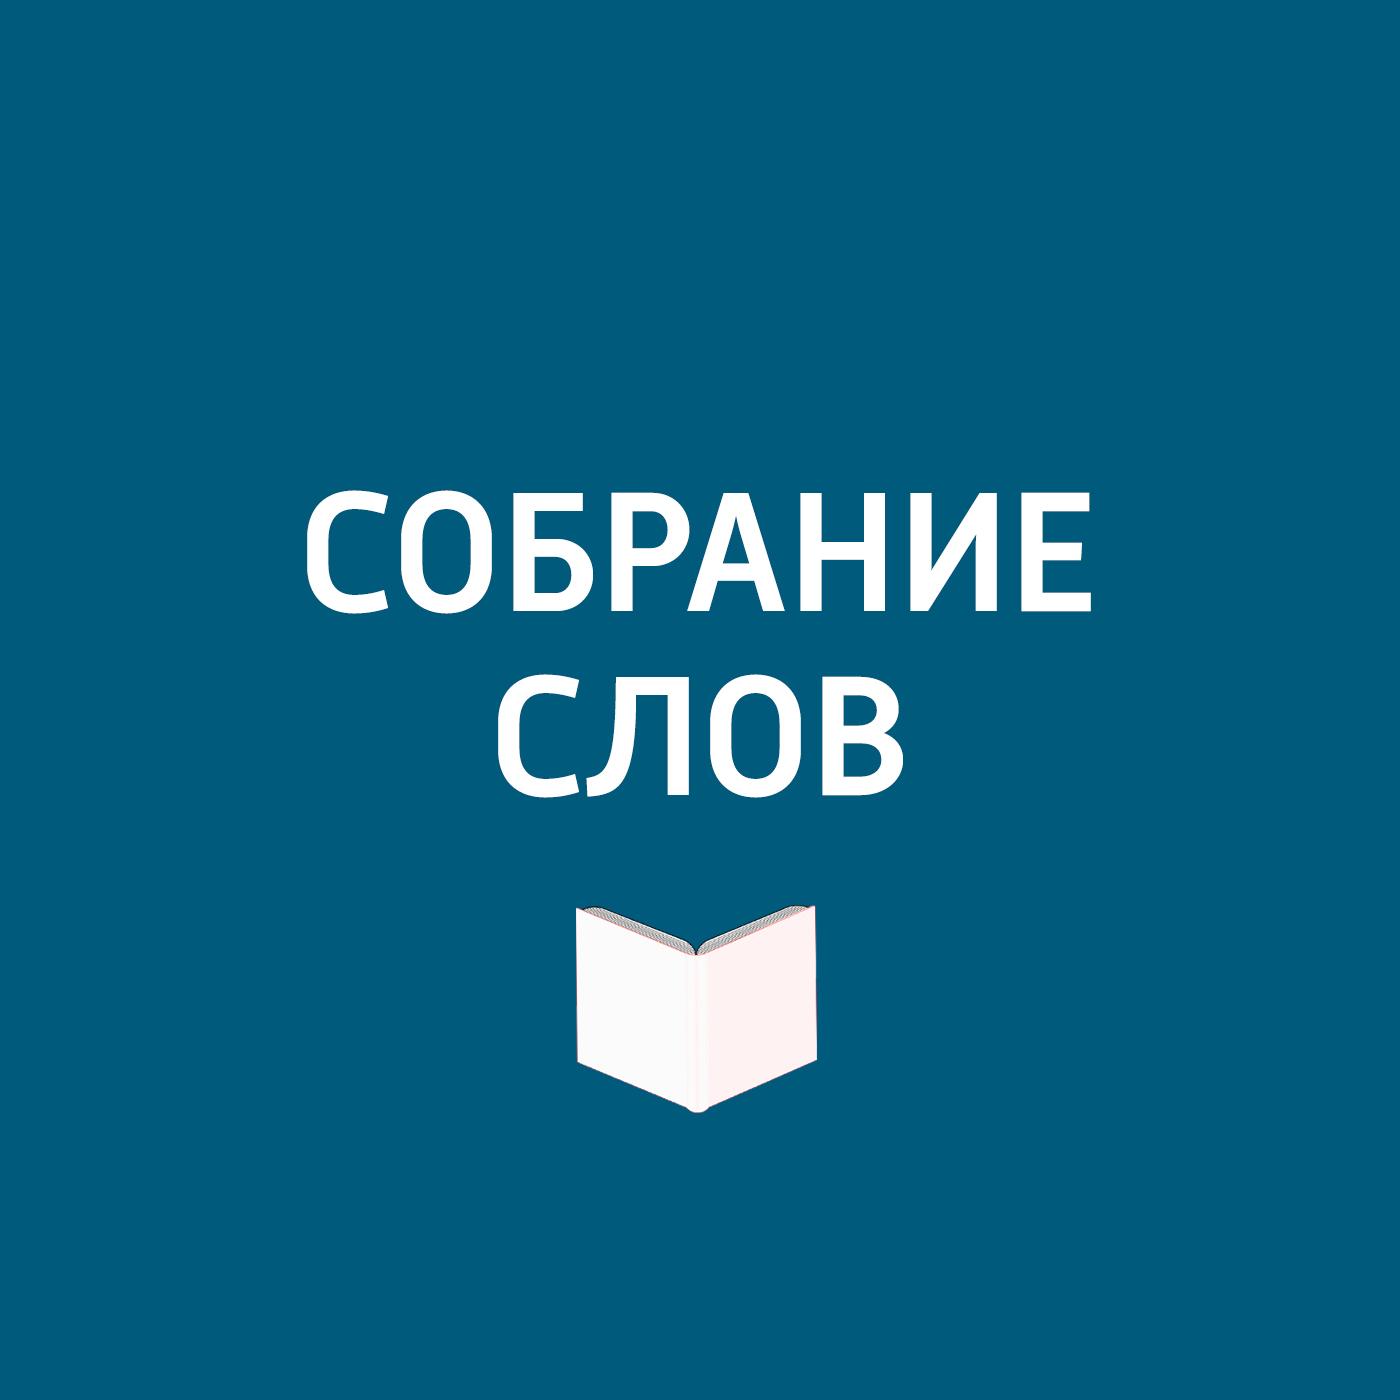 Большое интервью Ларисы Голубкиной. Ко дню рождения Андрея Миронова